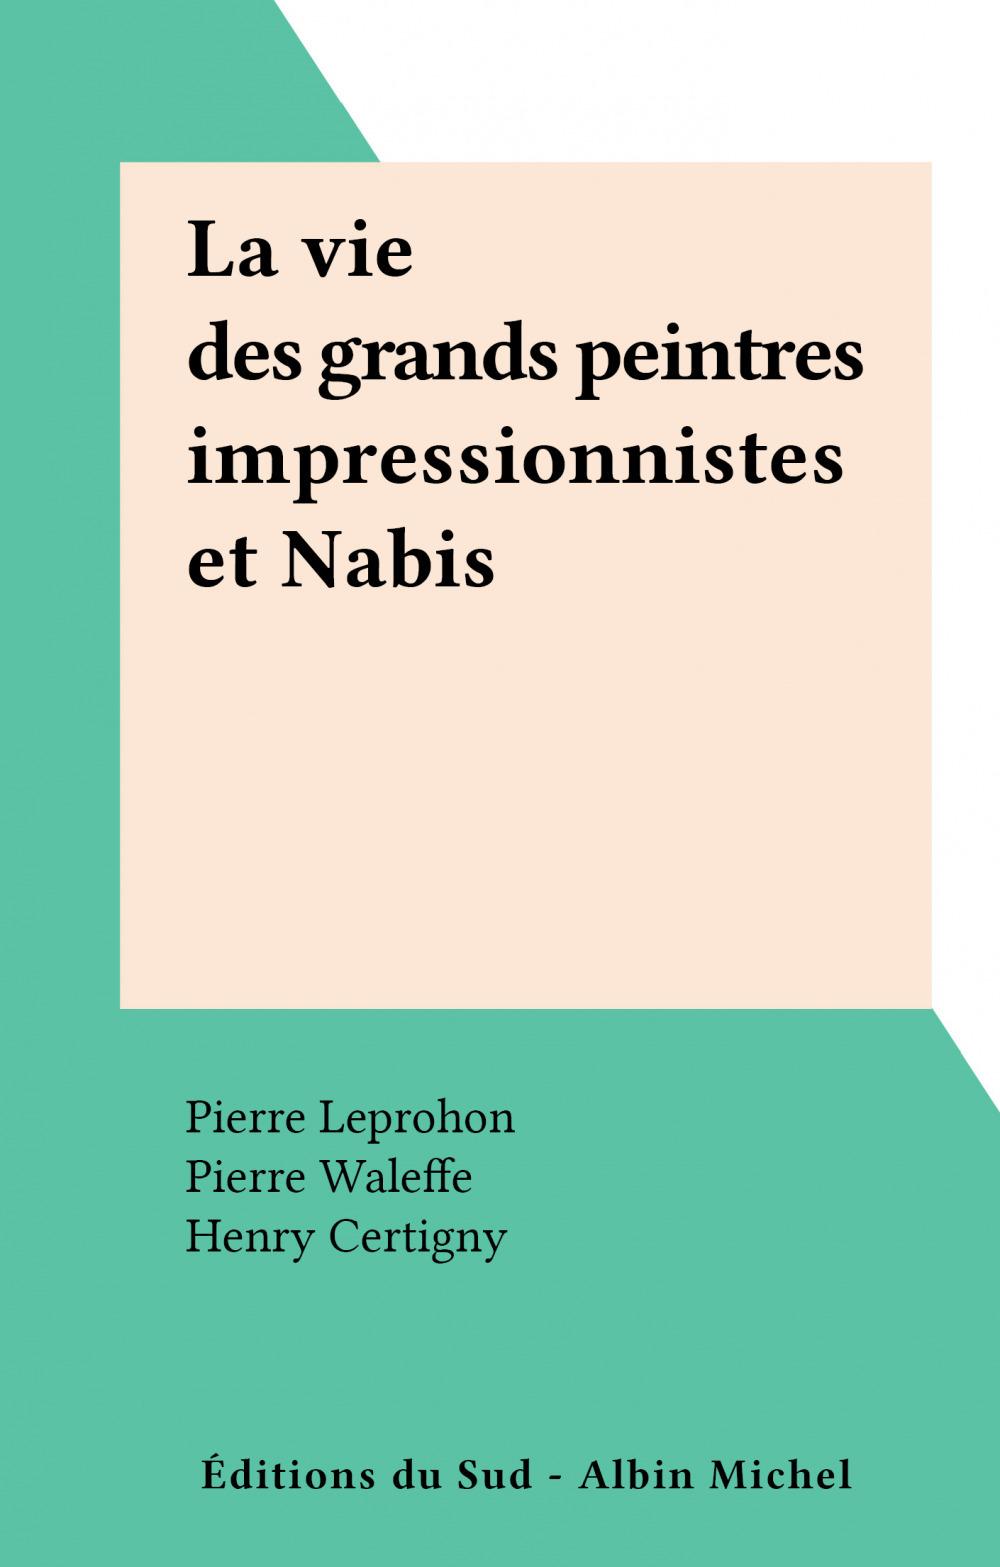 La vie des grands peintres impressionnistes et Nabis